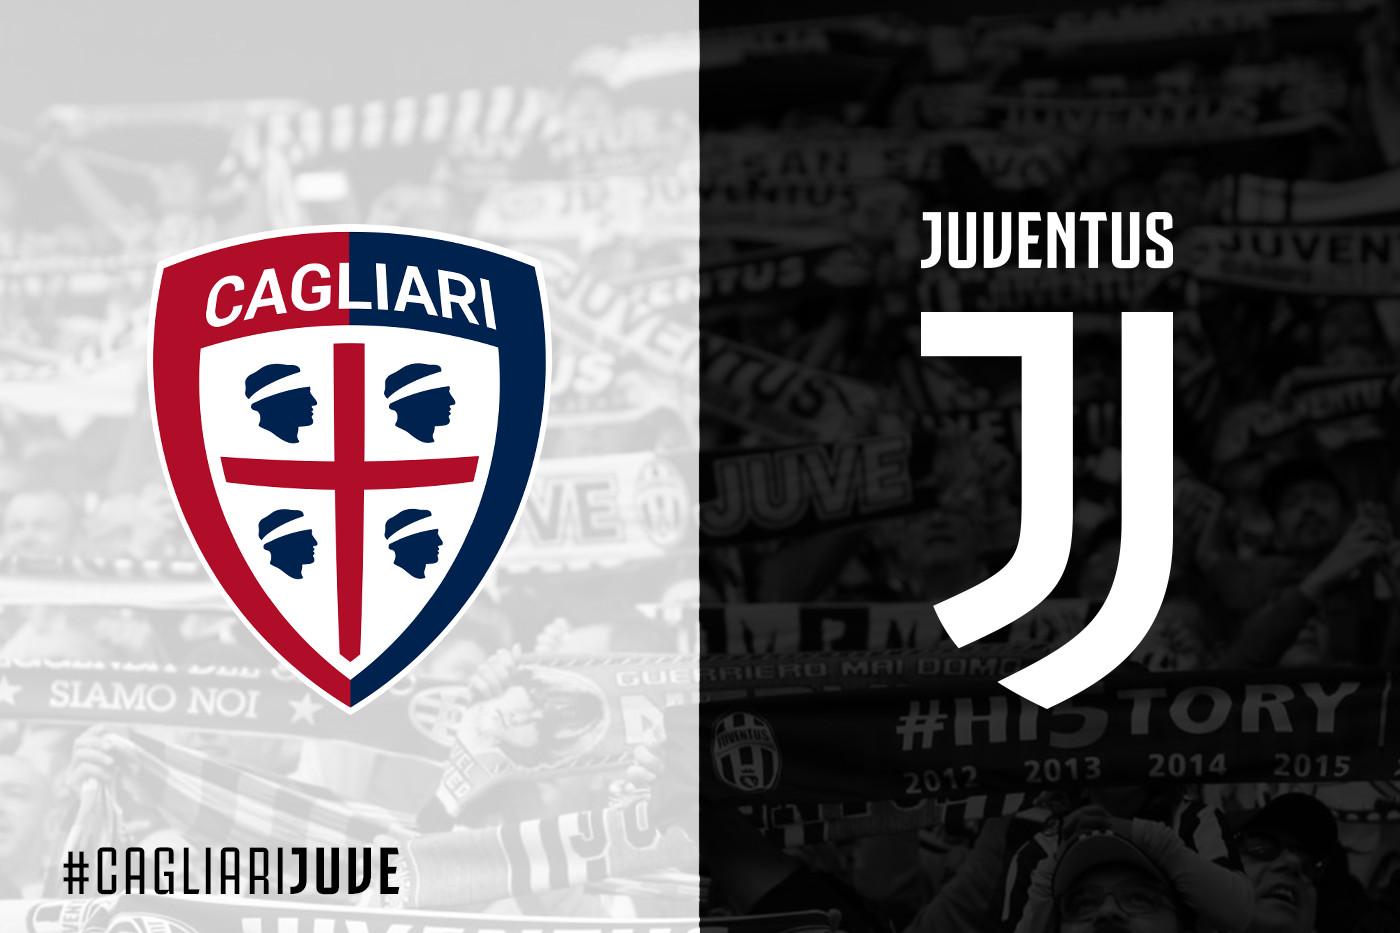 مشاهدة مباراة يوفنتوس وكالياري بث مباشر 3-11-2018 الدوري الايطالي